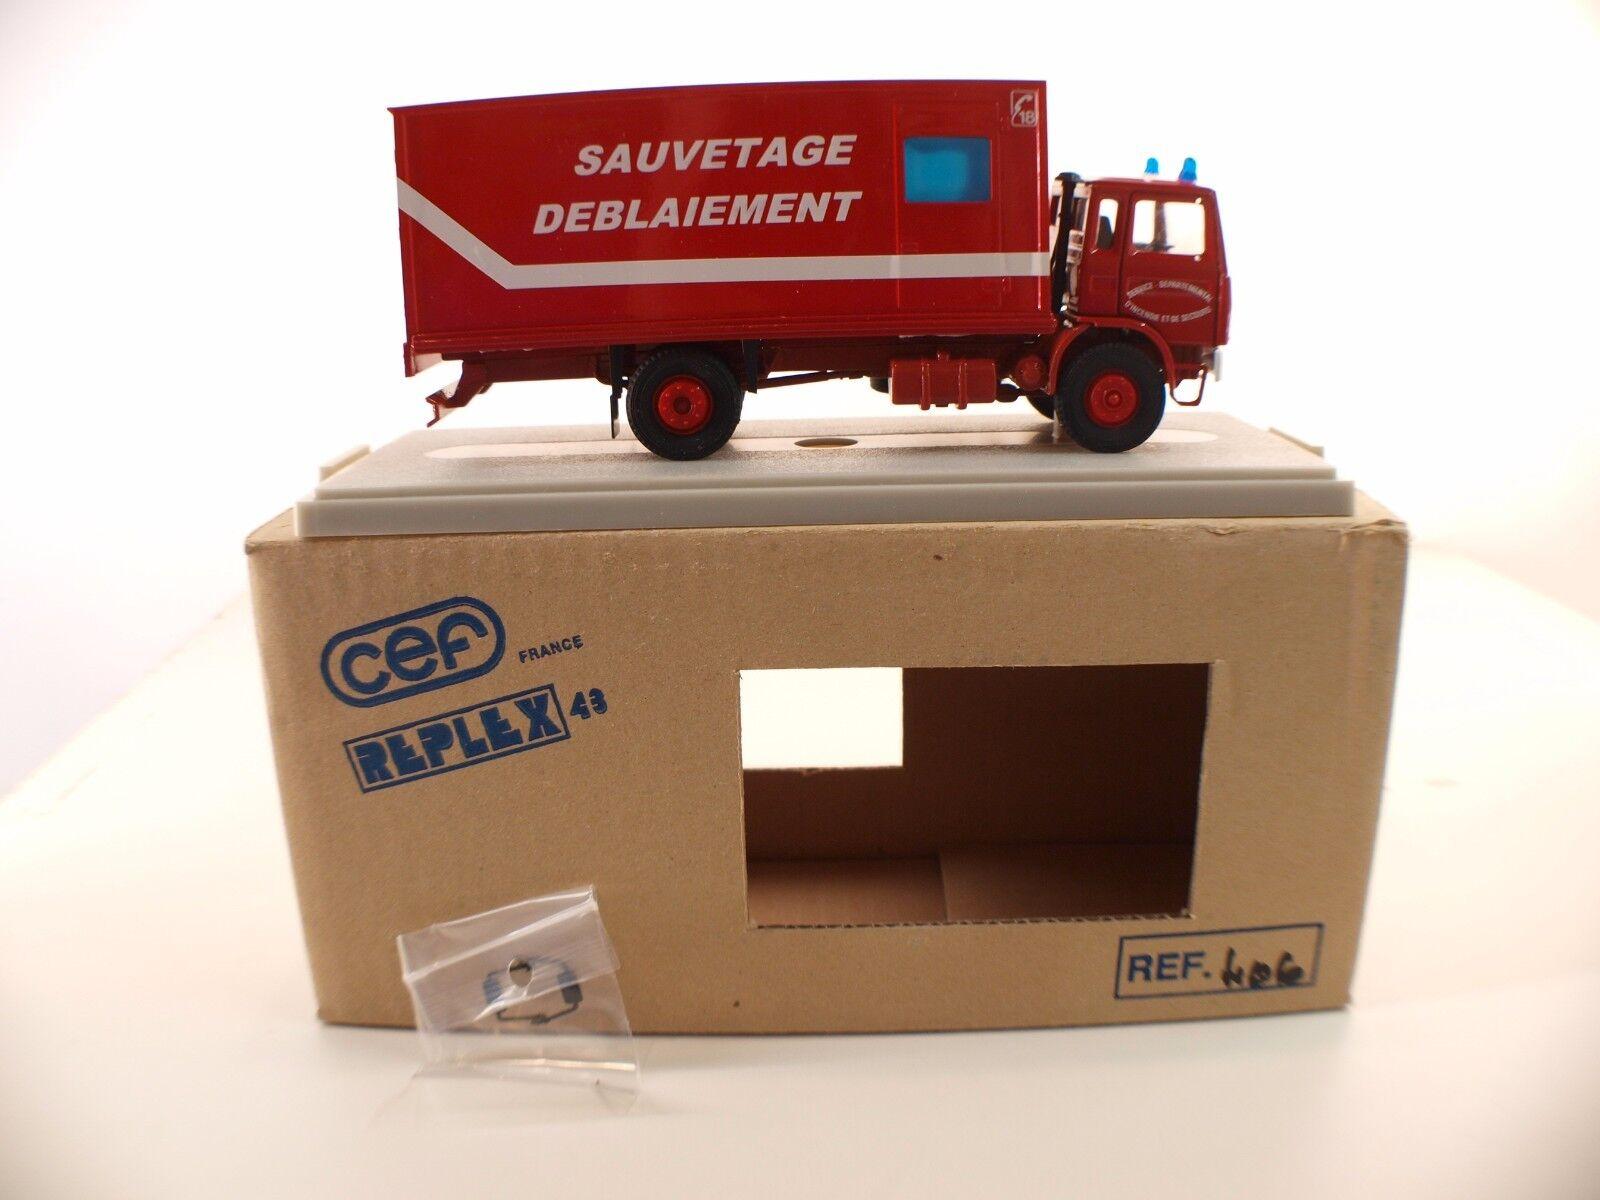 CEF Replex 43 n° 406 Camion Renault Pompiers Sauvetage déblaiement neuf MIB